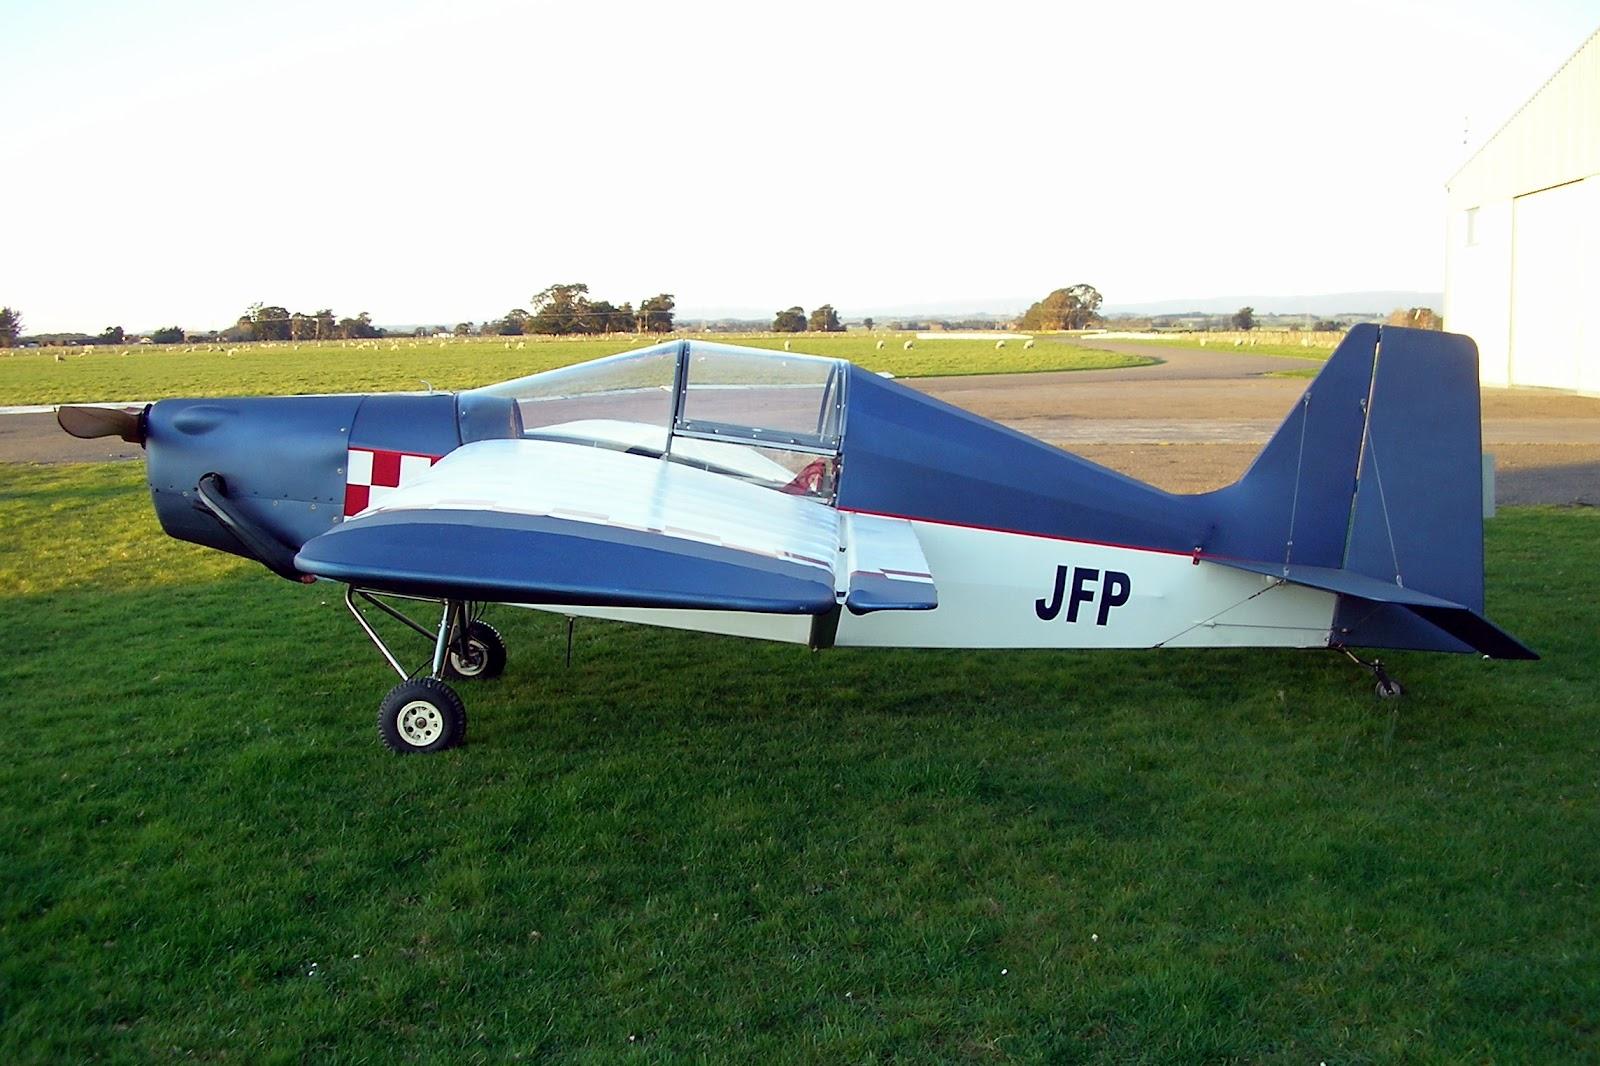 NZ Civil Aircraft: Homegrown Single Seat Homebuilt Aircraft of New